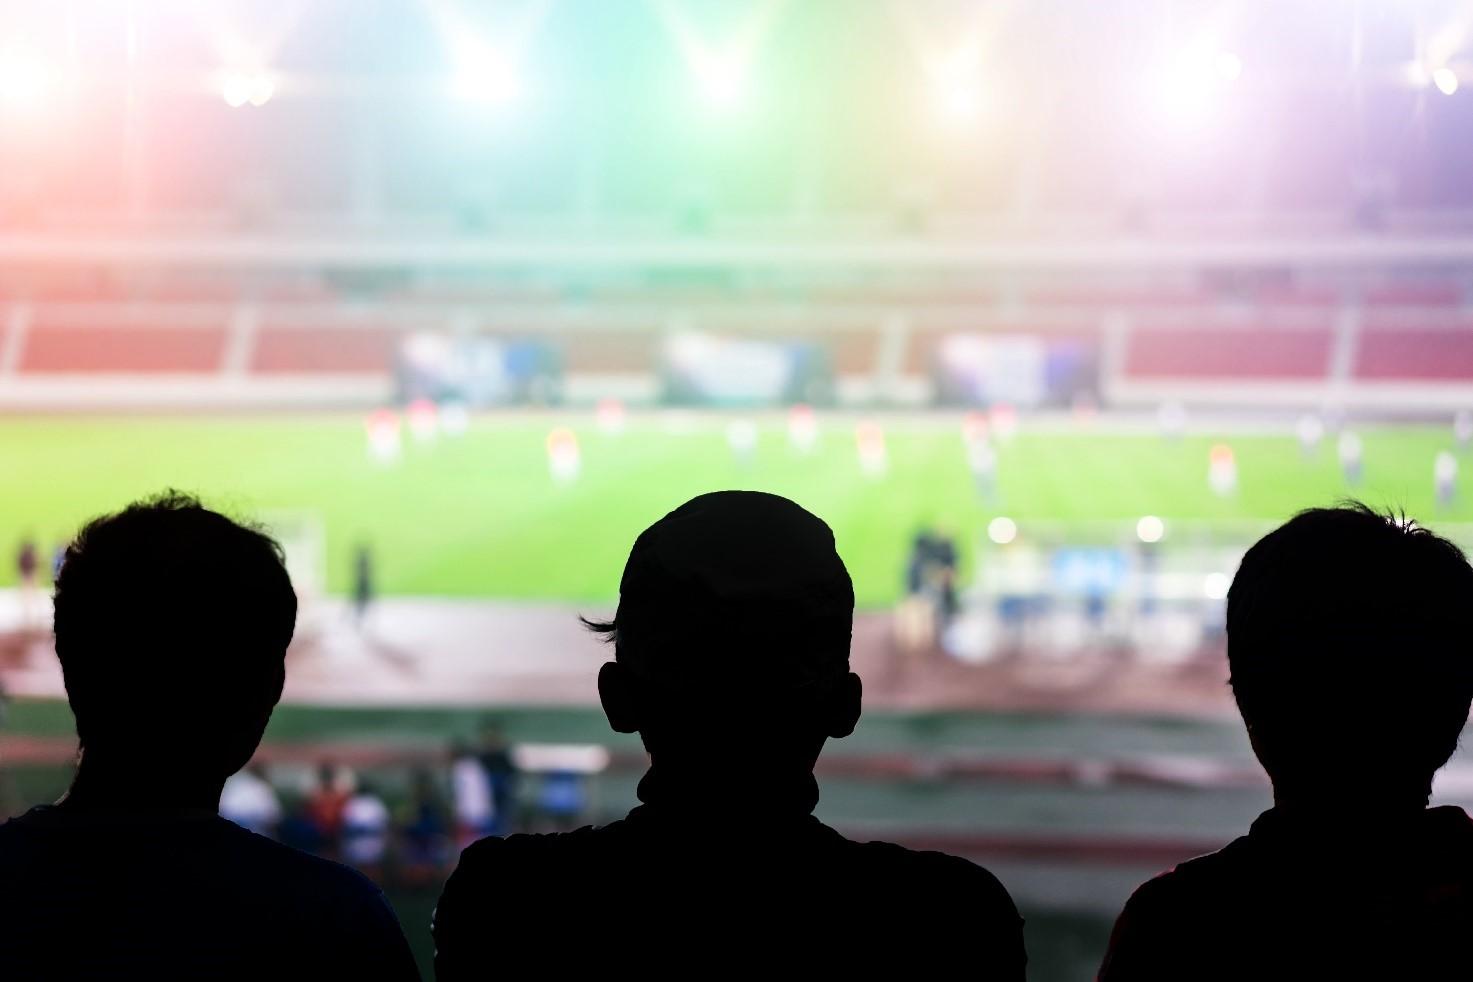 През 2021 година опциите за футболни залози са безгранични